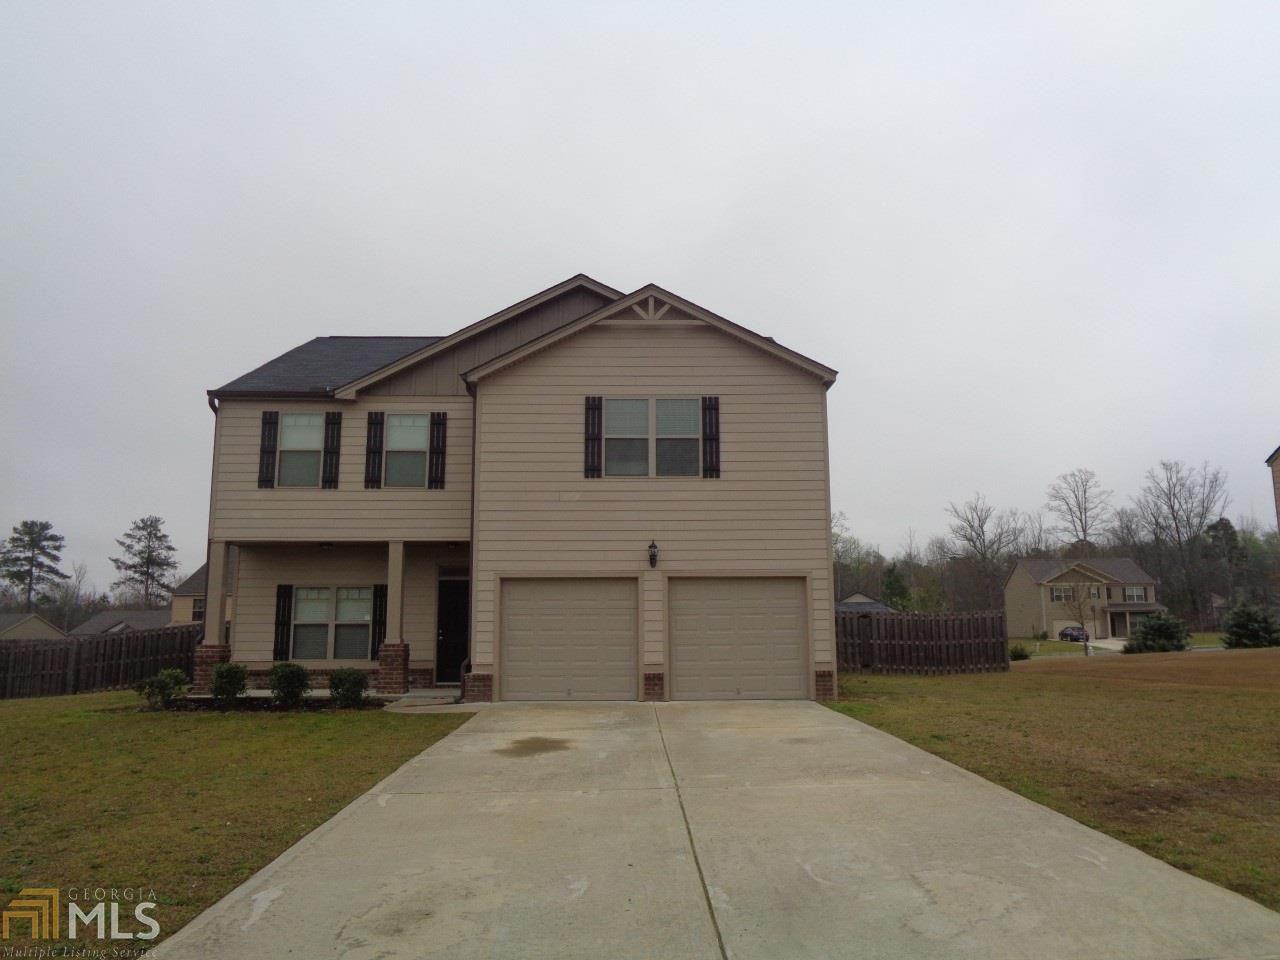 8581 Braylen Manor Dr, Douglasville, GA 30134 - MLS#: 8756650